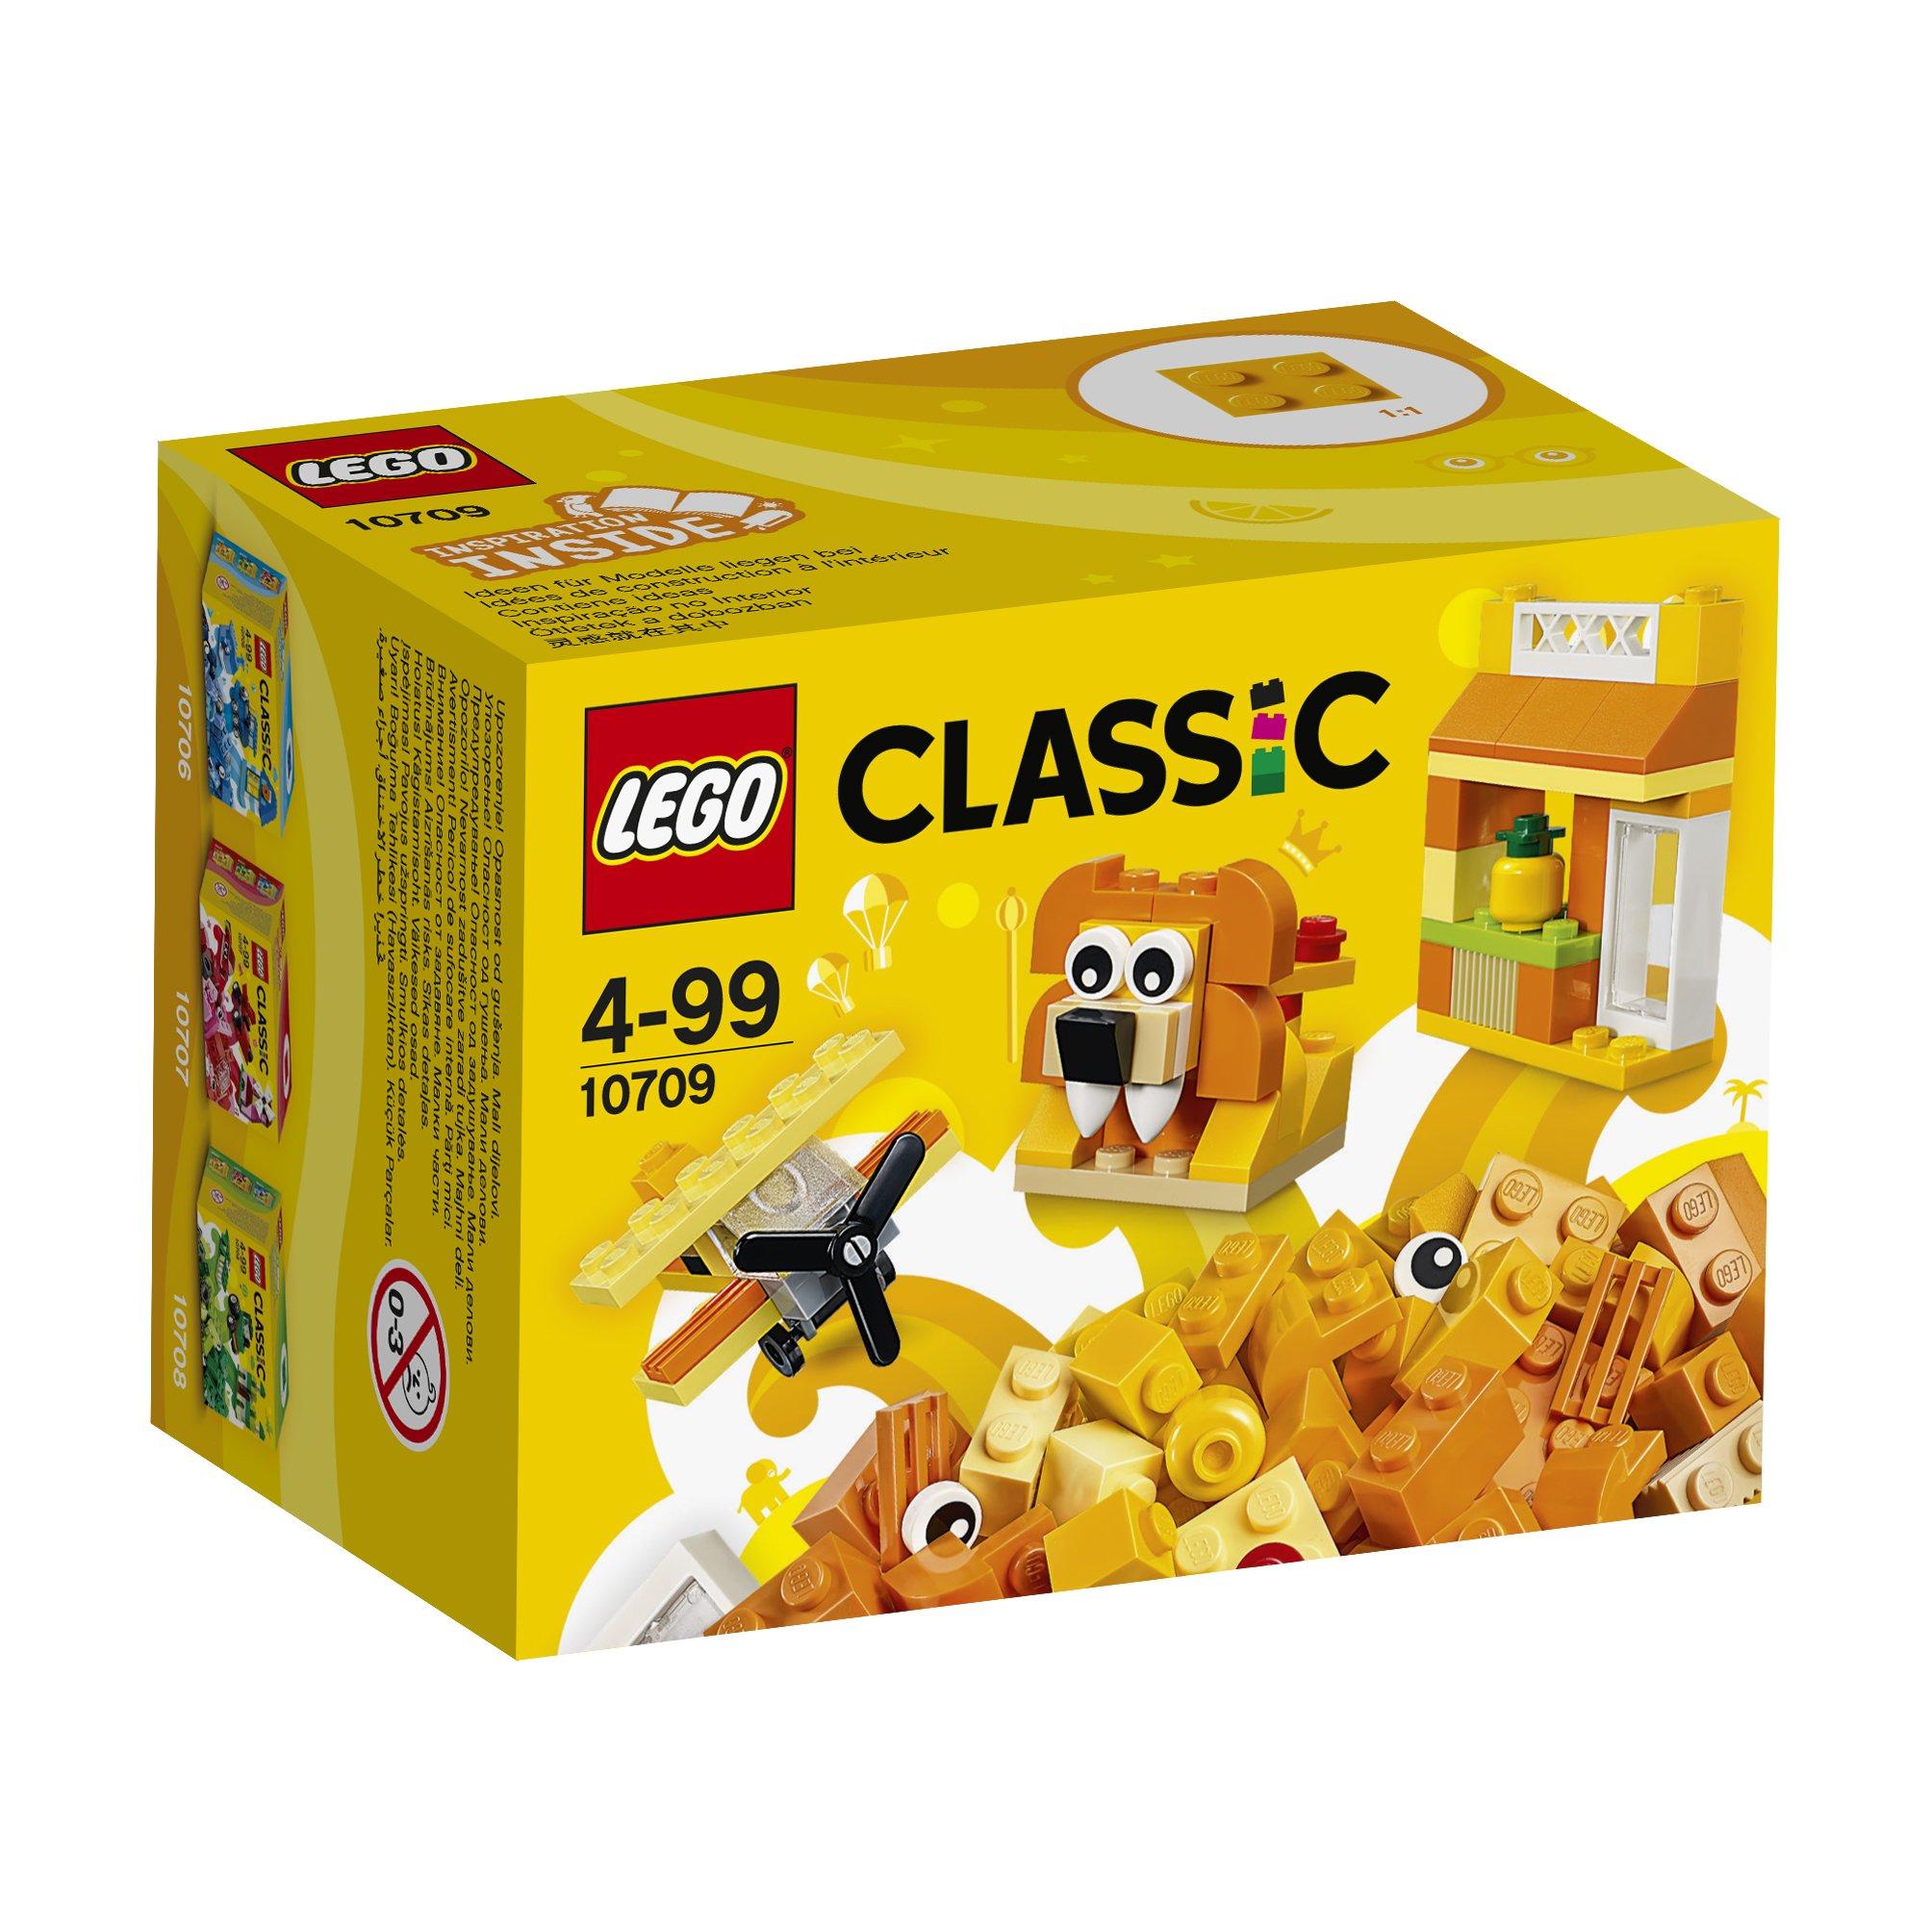 LEGO Classic - Caja creativa de color naranja (10709): Amazon.es: Juguetes y juegos